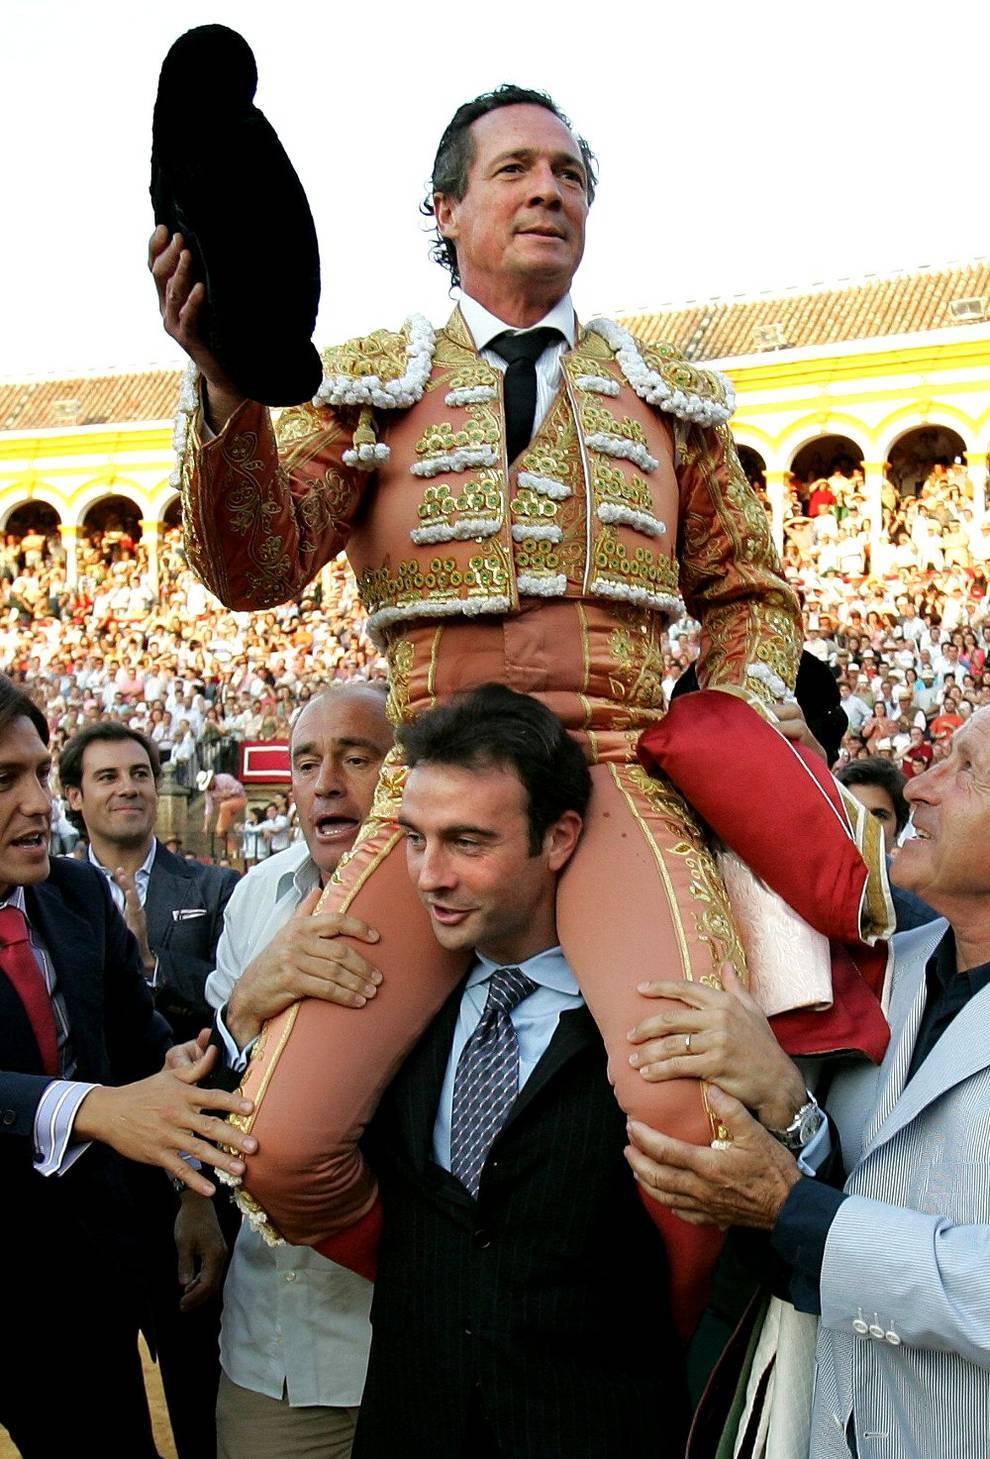 http://static01.diariodenavarra.es/uploads/imagenes/bajacalidad/2014/10/28/_manzanares_68b75c7b.jpg?f999efc2a5ea5d2fe0c5da03e438509a